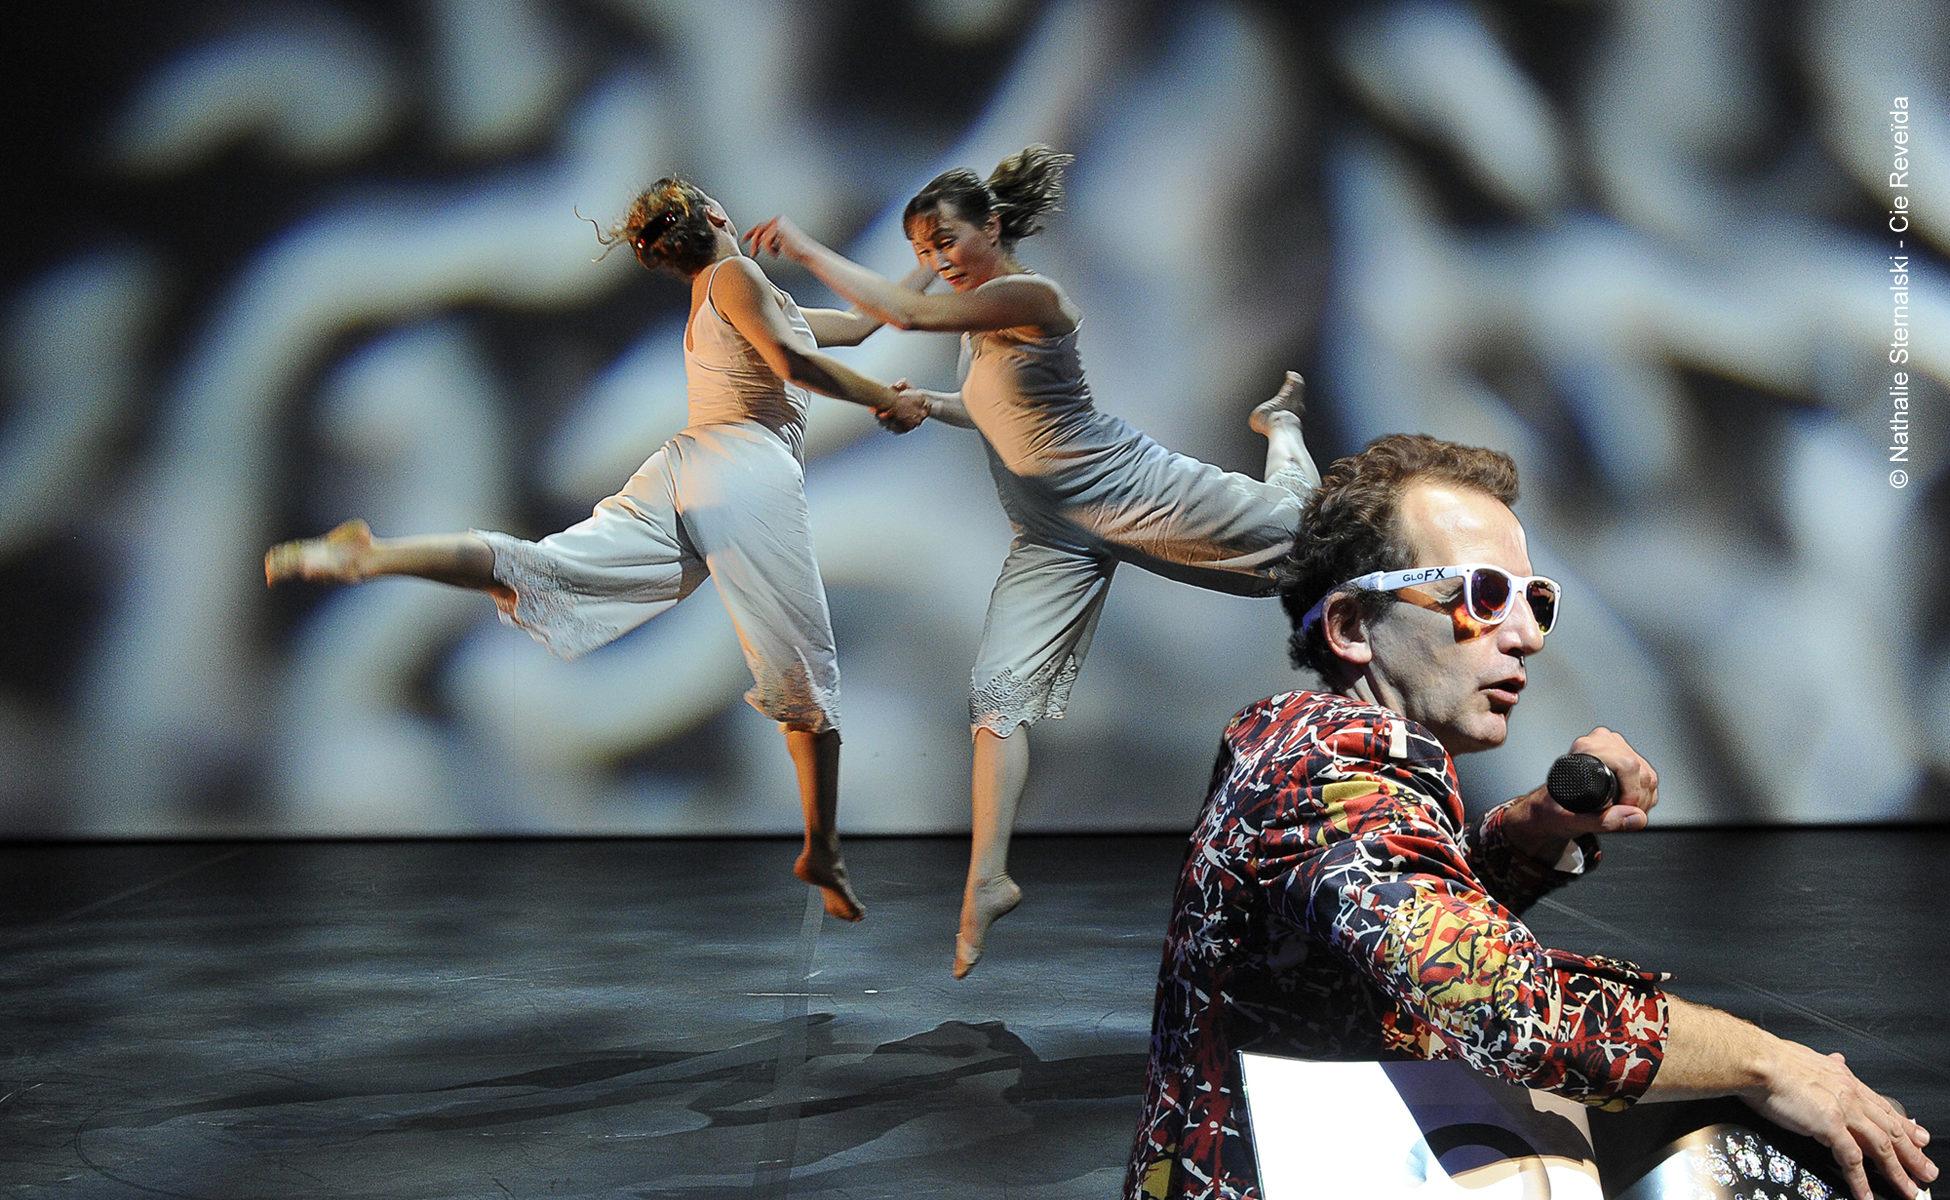 """Le Kaléidoplastique Quizz, grand jeu dansé de l'Histoire de l'Art - """"crédit photo Nathalie Sternalski - Cie Reveida tous droits réservés"""""""